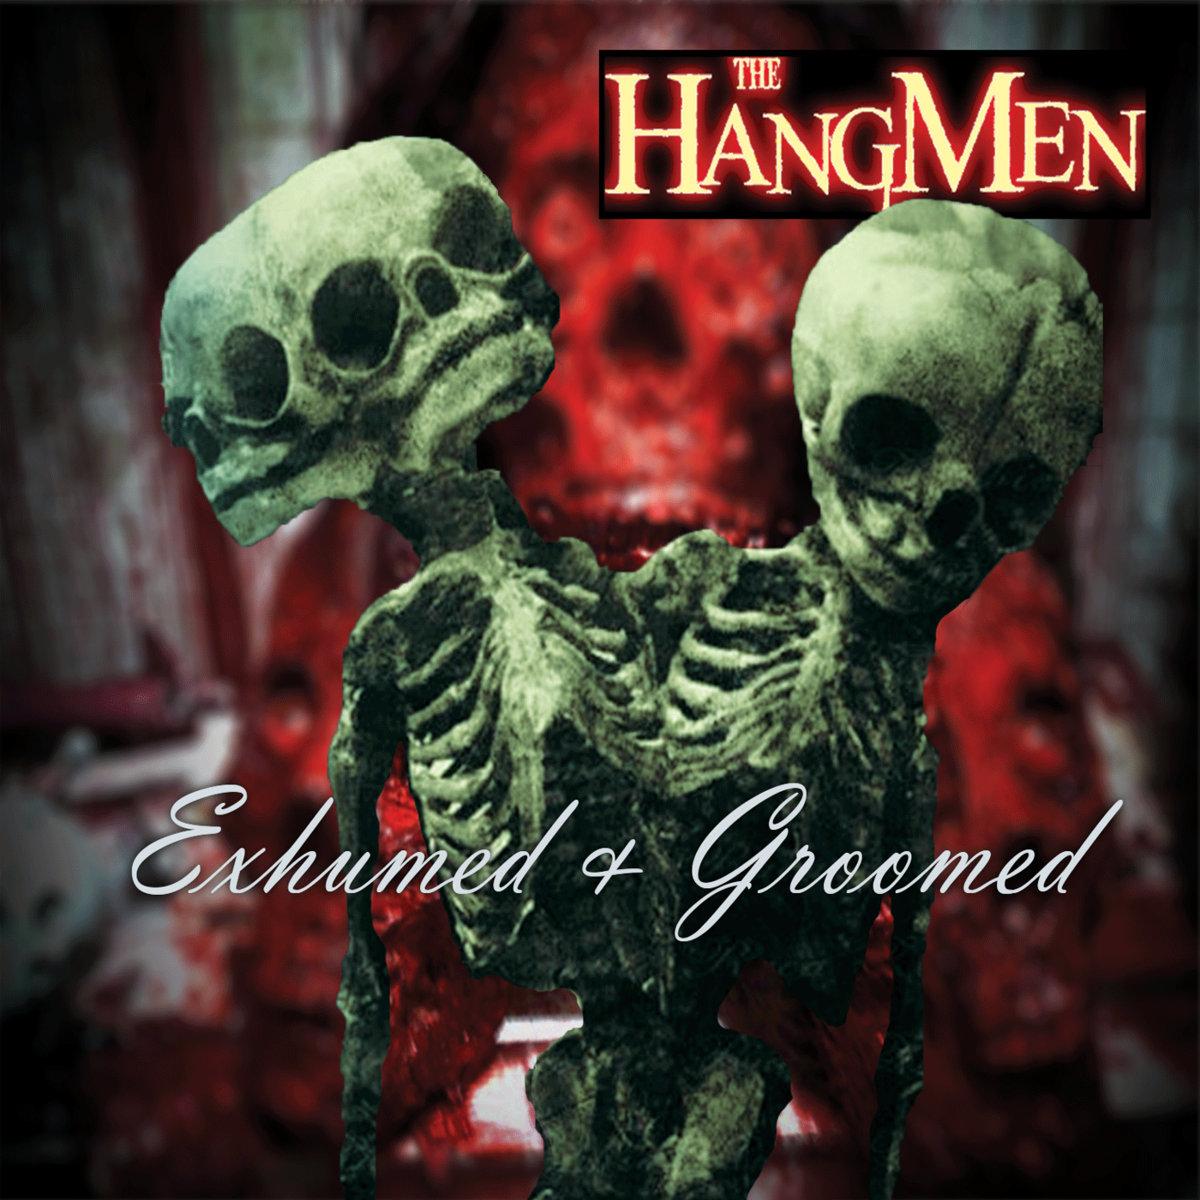 Exhumed & Groomed - Full Album Download - The Hangmen